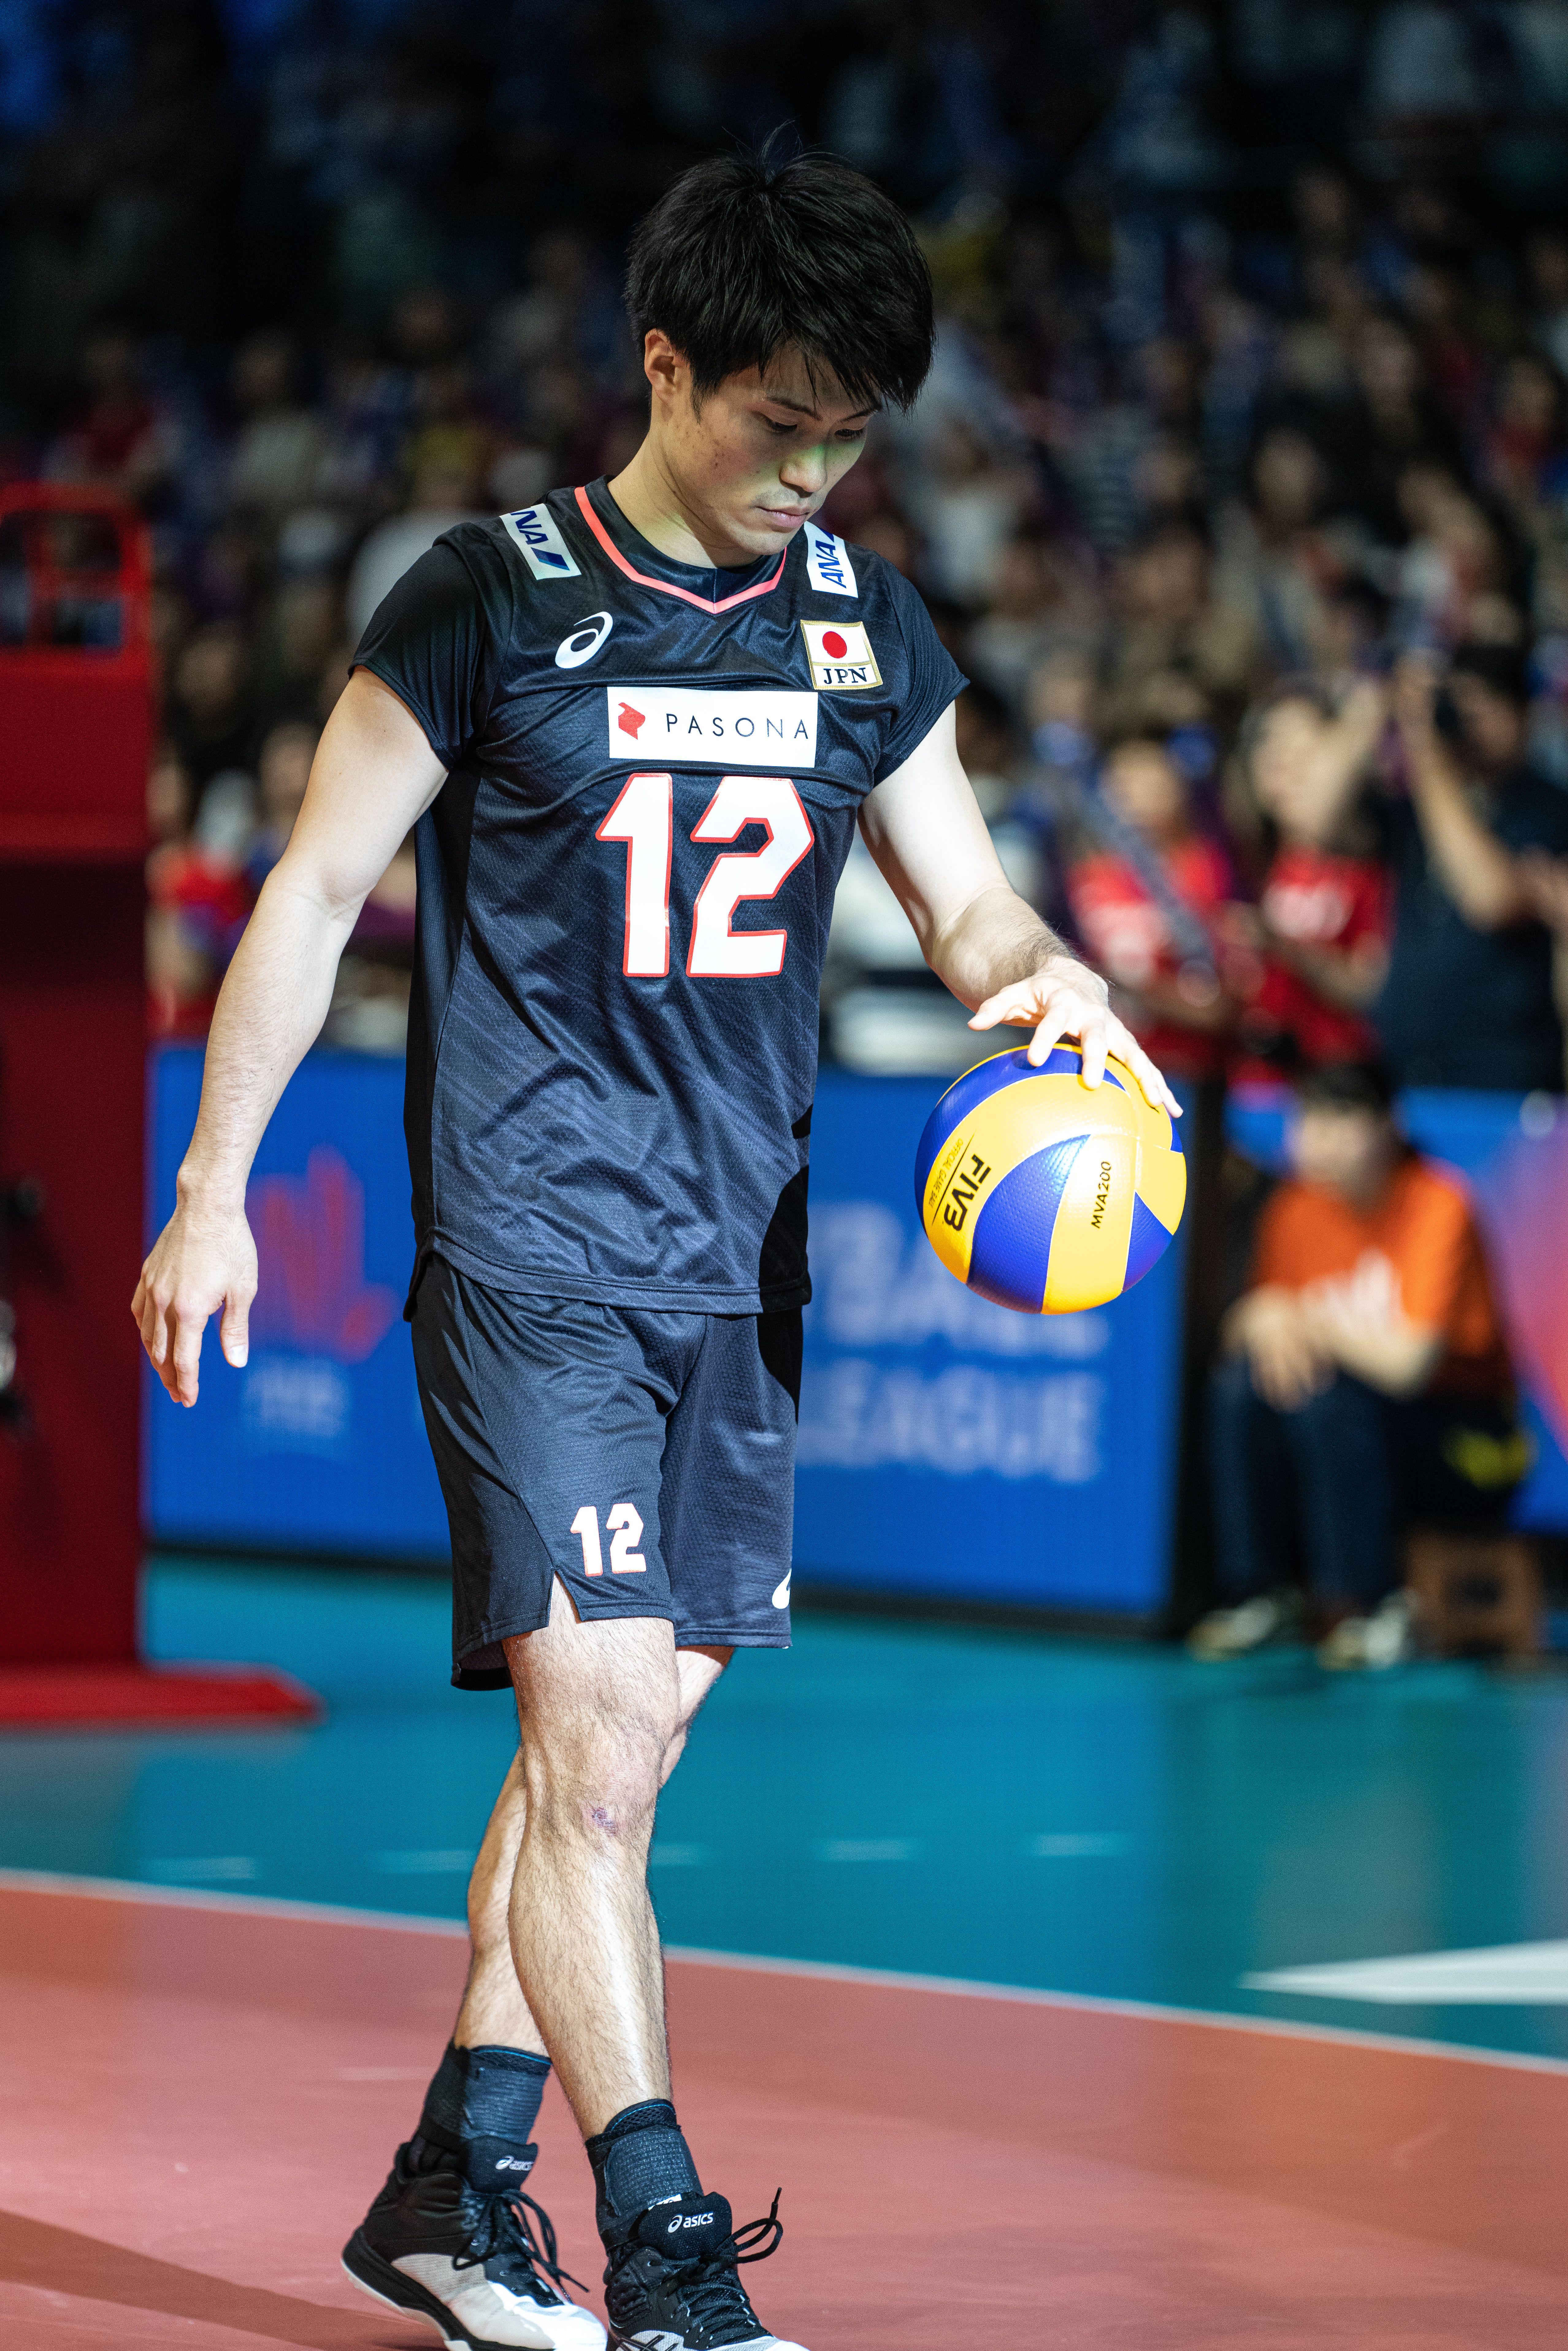 Yujinishida Nishida Volleyball In 2020 Japan Volleyball Team Volleyball Poses Volleyball Tryouts